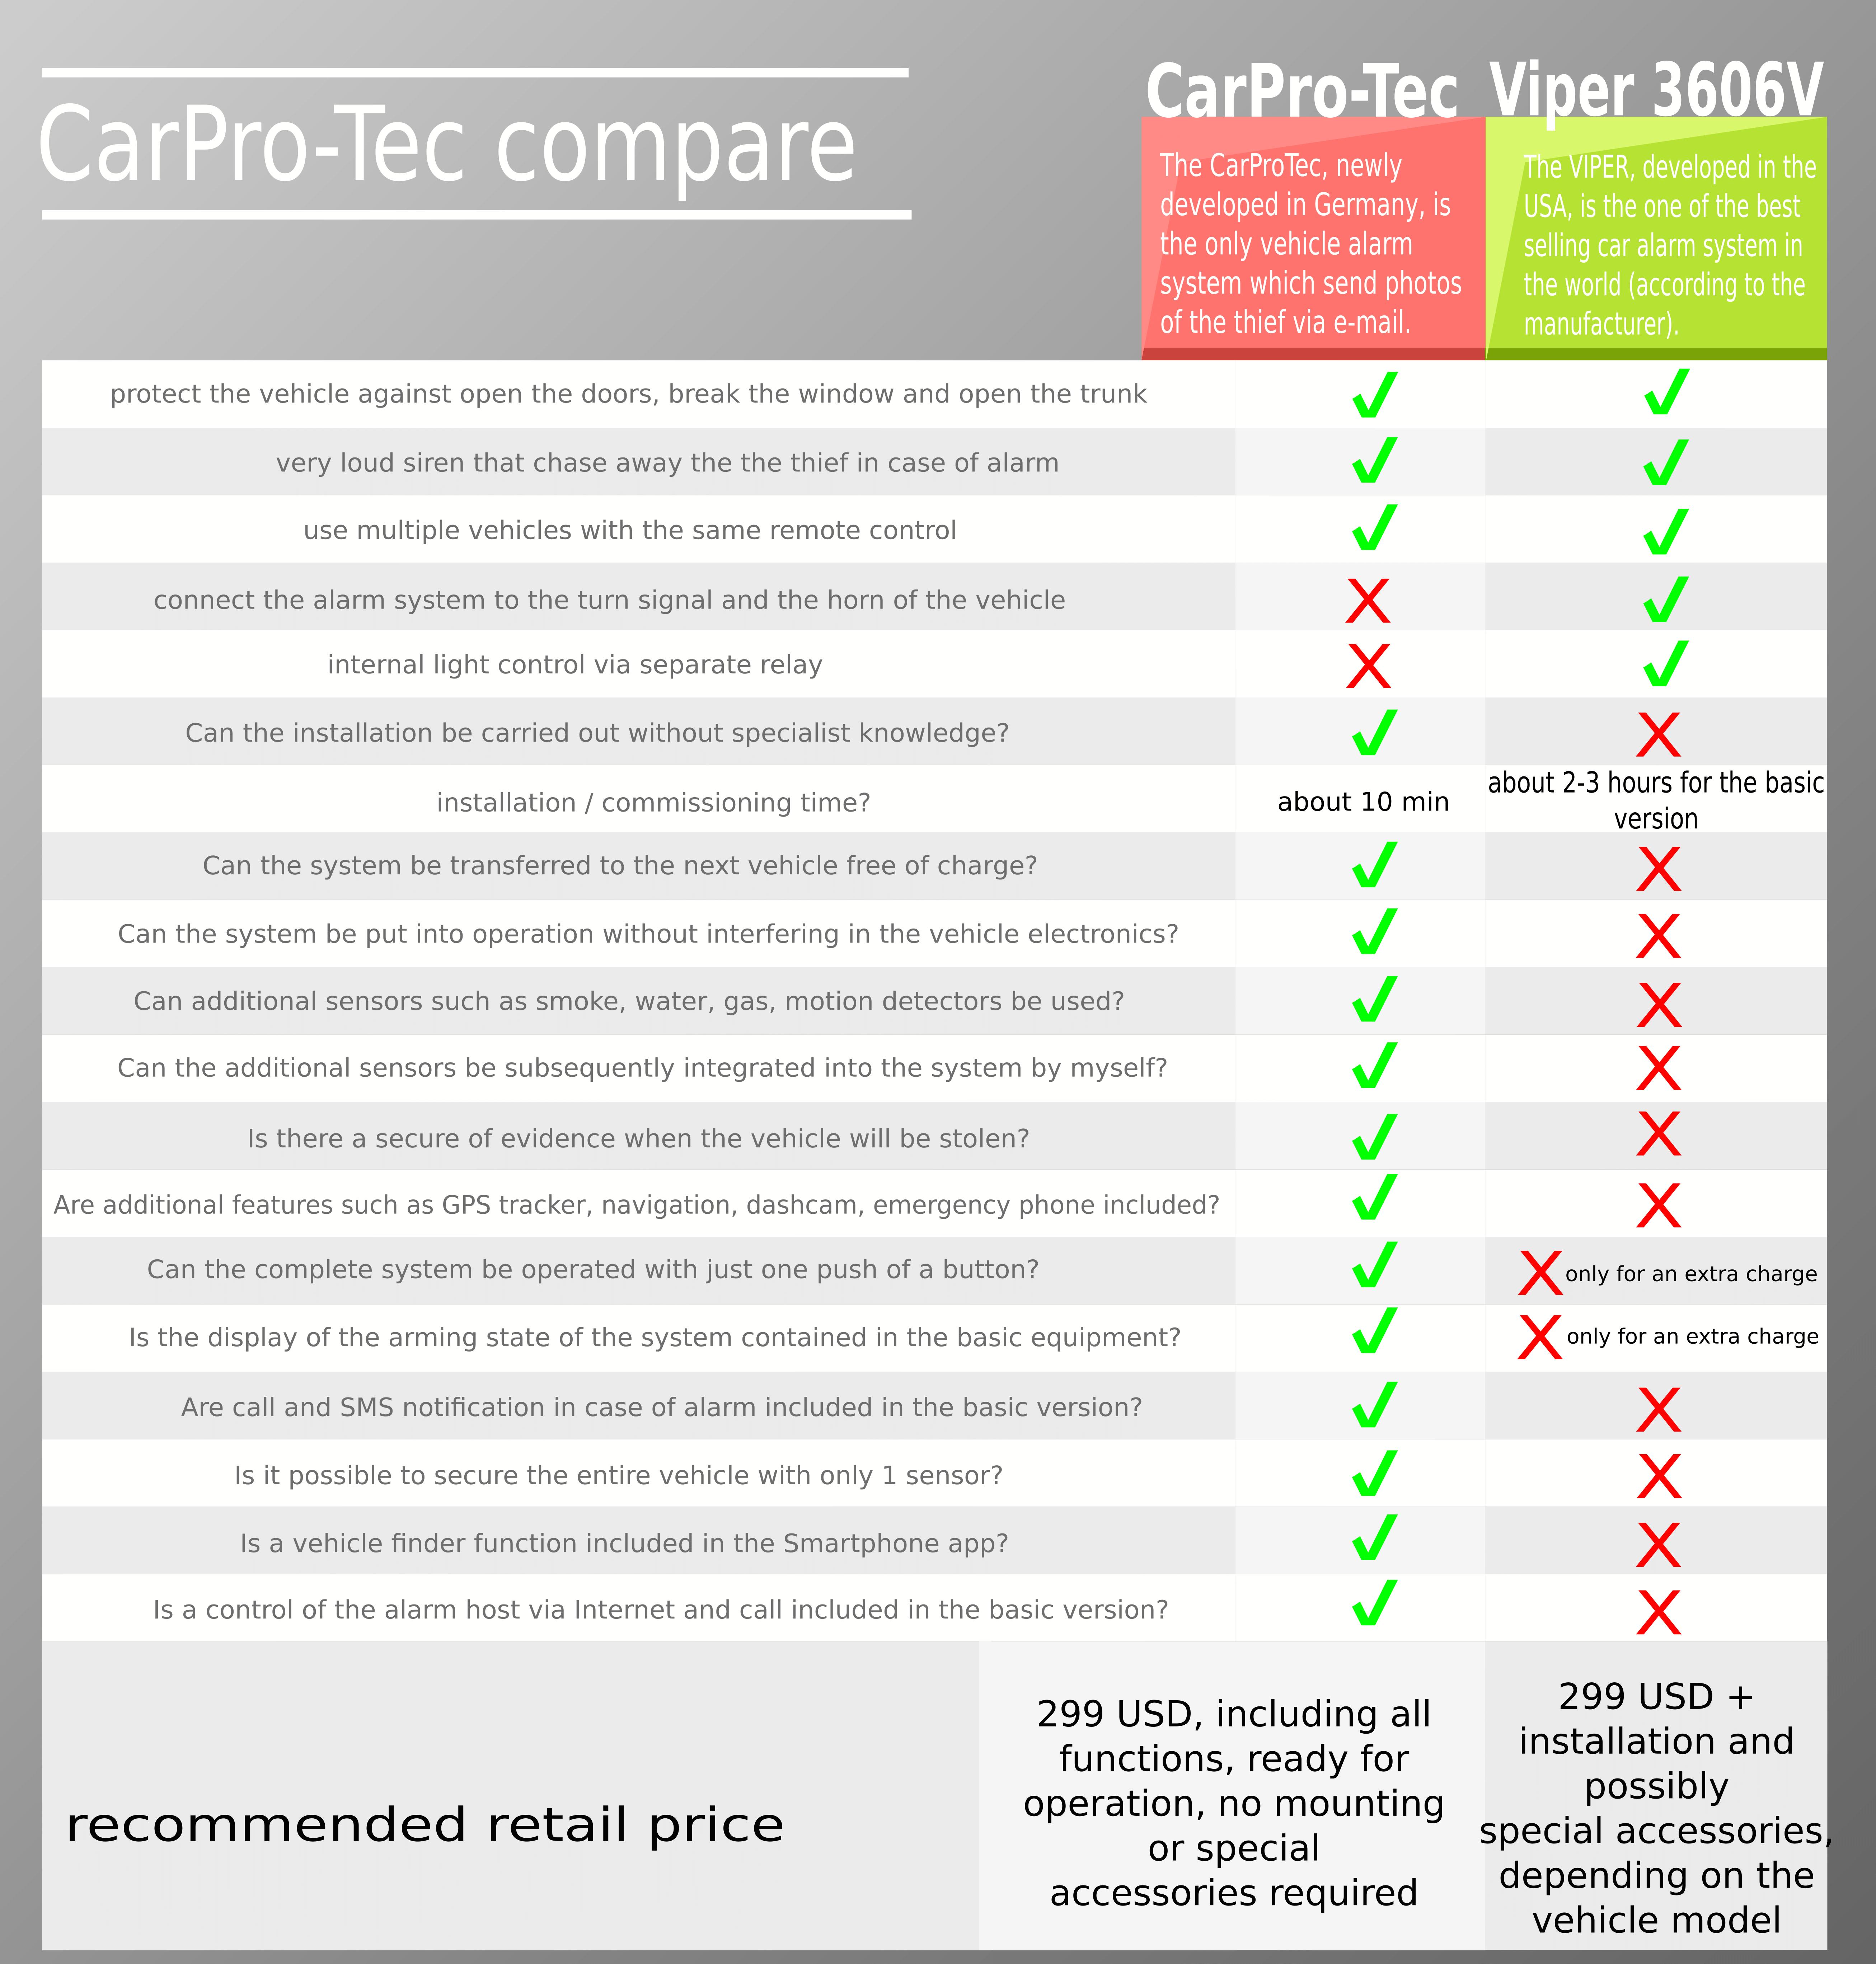 compare carpro-tec